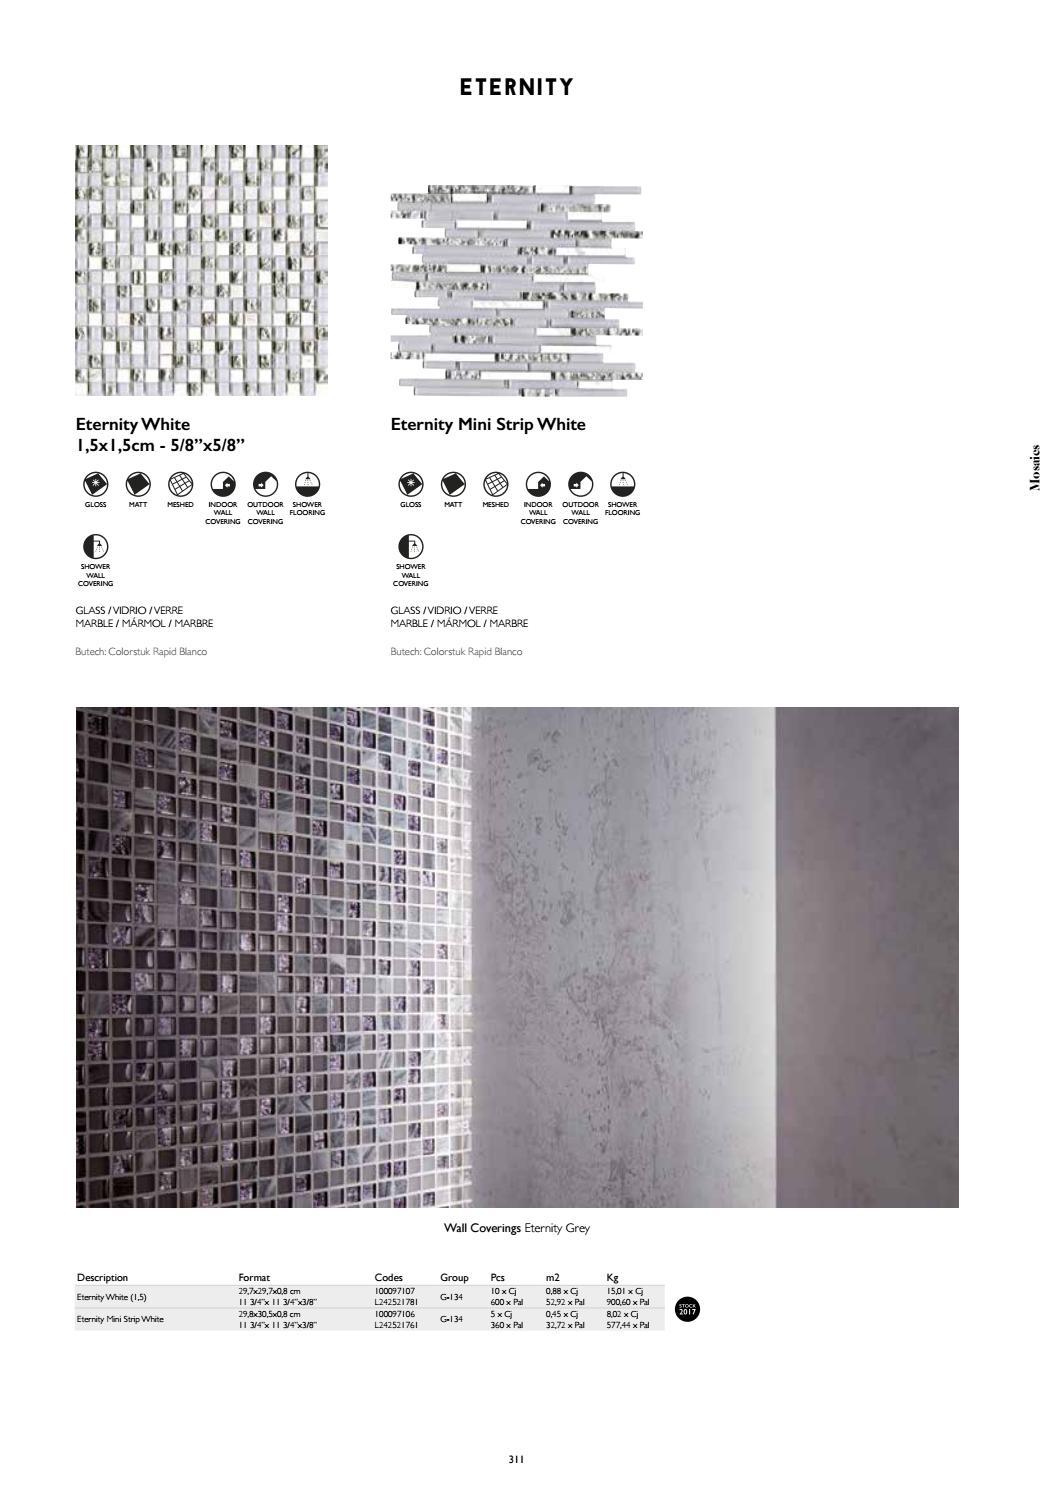 5 x Pierres de verre pour bois//metal 140 x 92 mm 80 grain